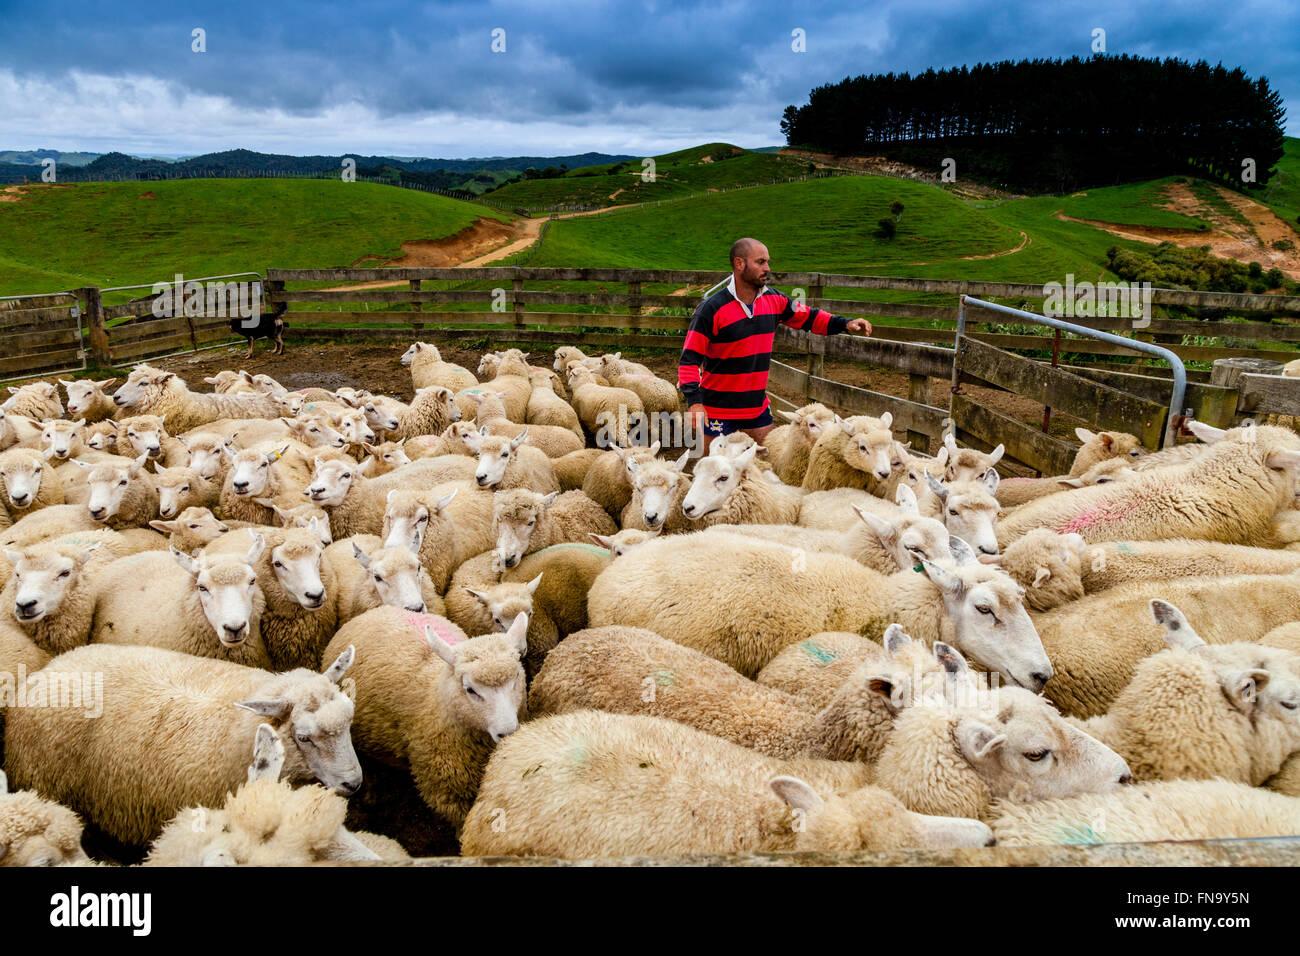 Sheep In A Sheep Pen Waiting To Be Sheared, Sheep Farm, Pukekohe, New Zealand - Stock Image